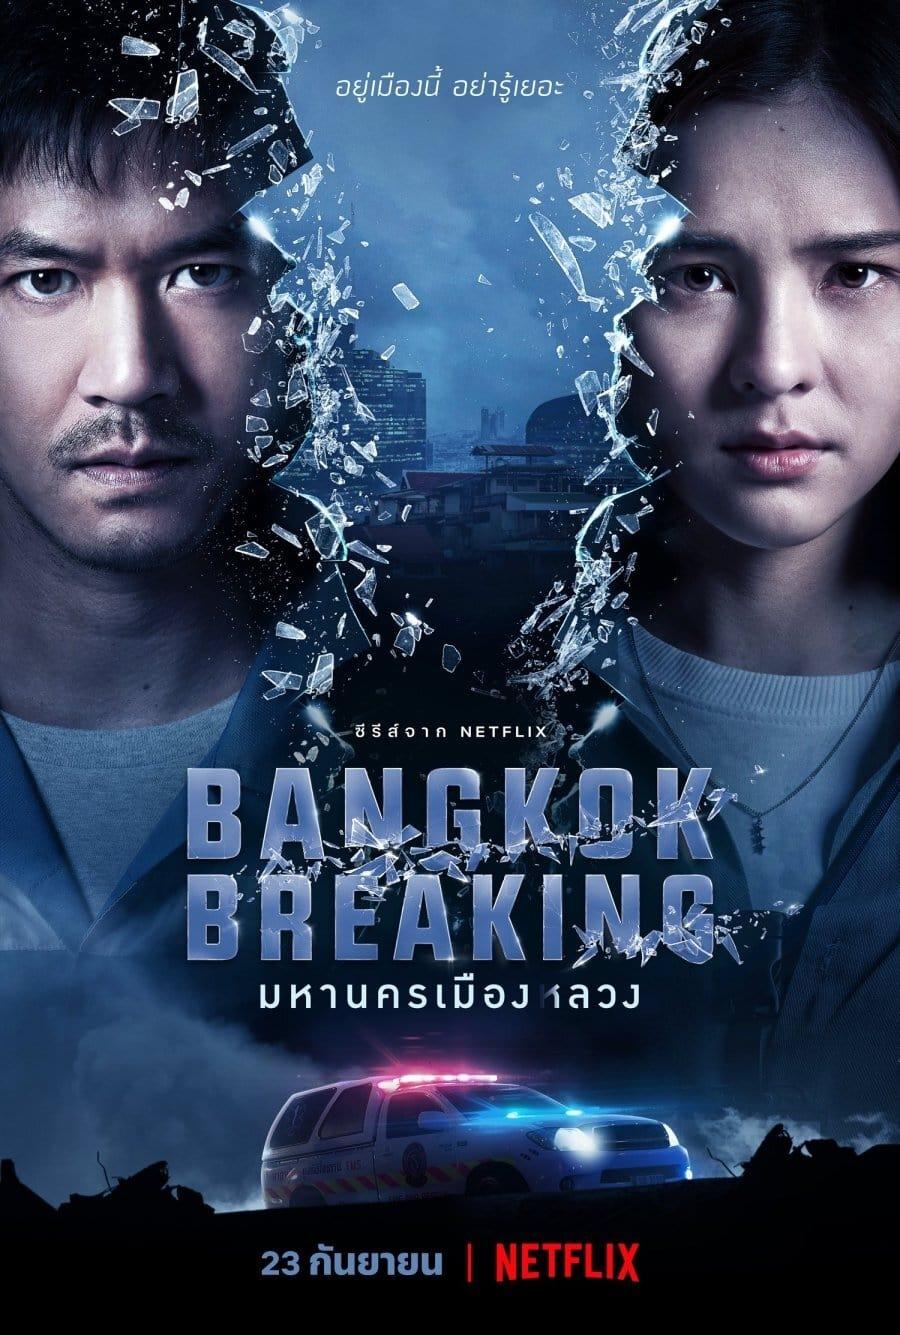 ดูหนังออนไลน์ฟรี Bangkok Breaking มหานครเมืองลวง – ซีซั่น 1 ตอน 1-6